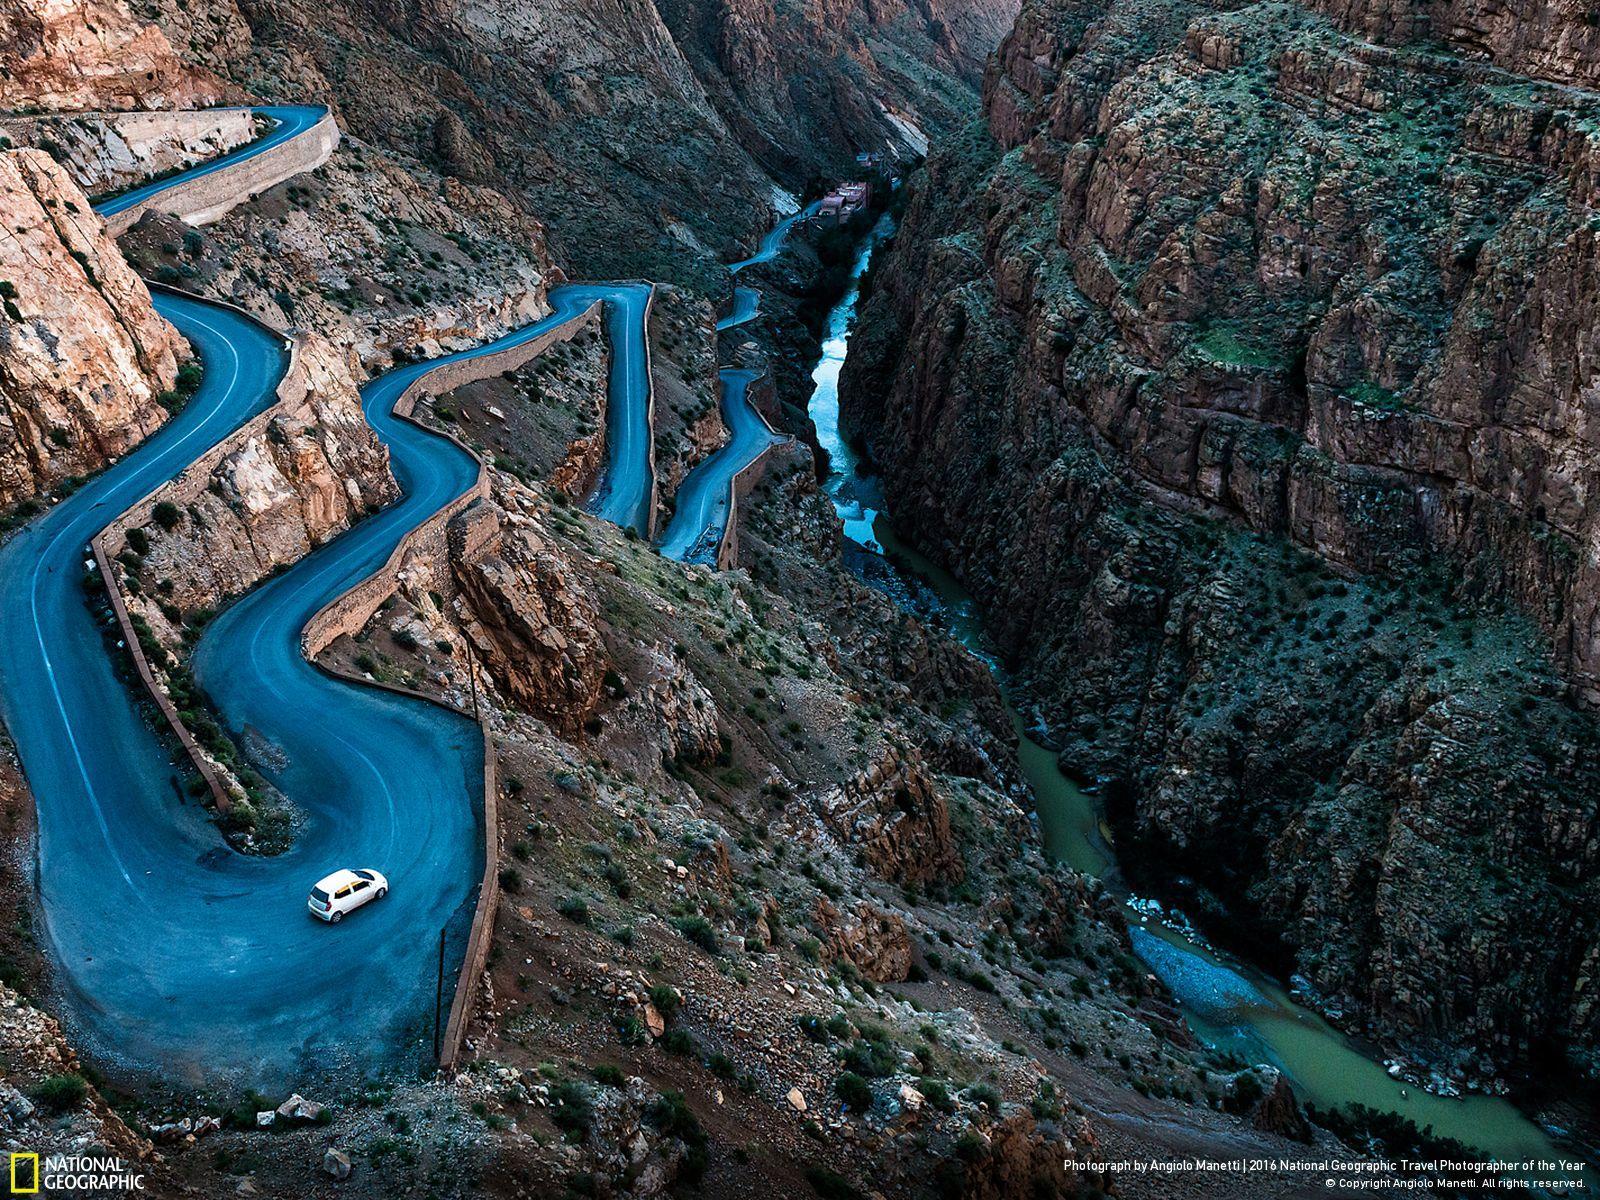 melhores fotos de viagem national geographic_36